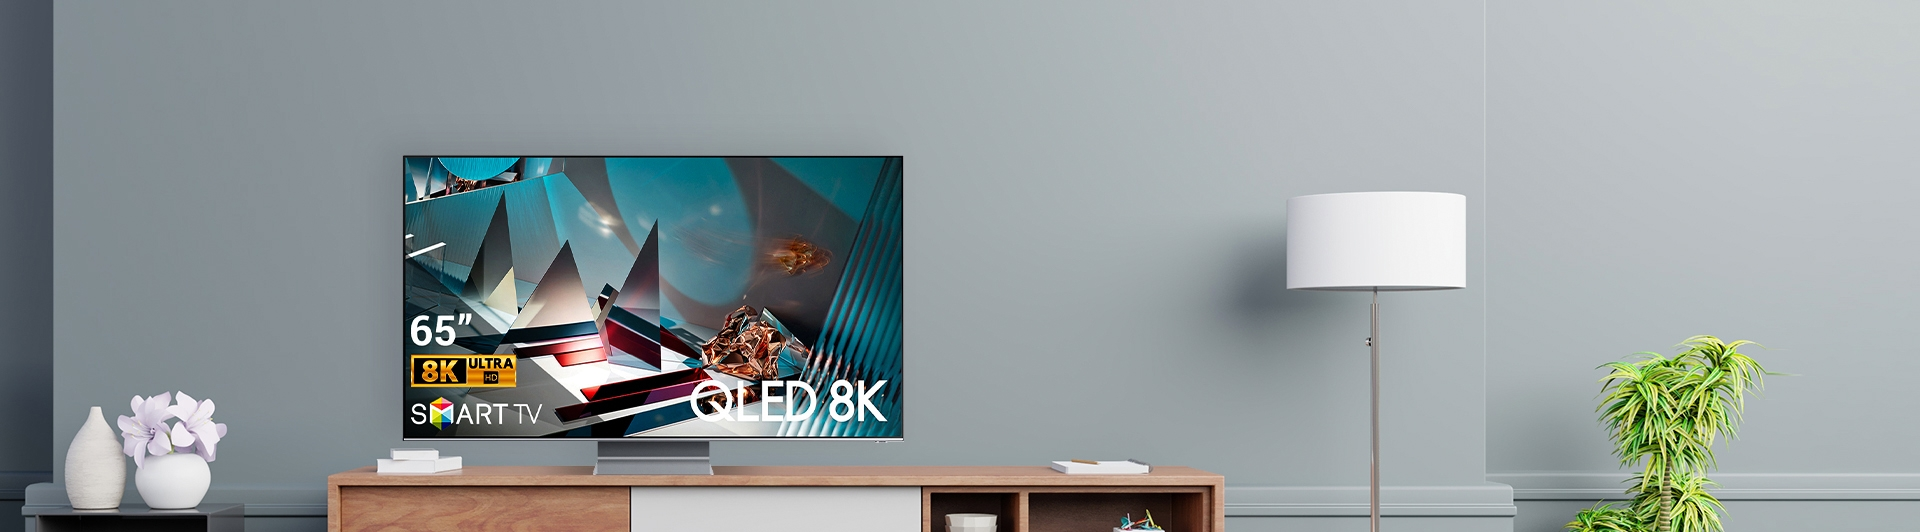 Smart Tivi QLED Samsung 8K 65 inch QA65Q800TAKXXV